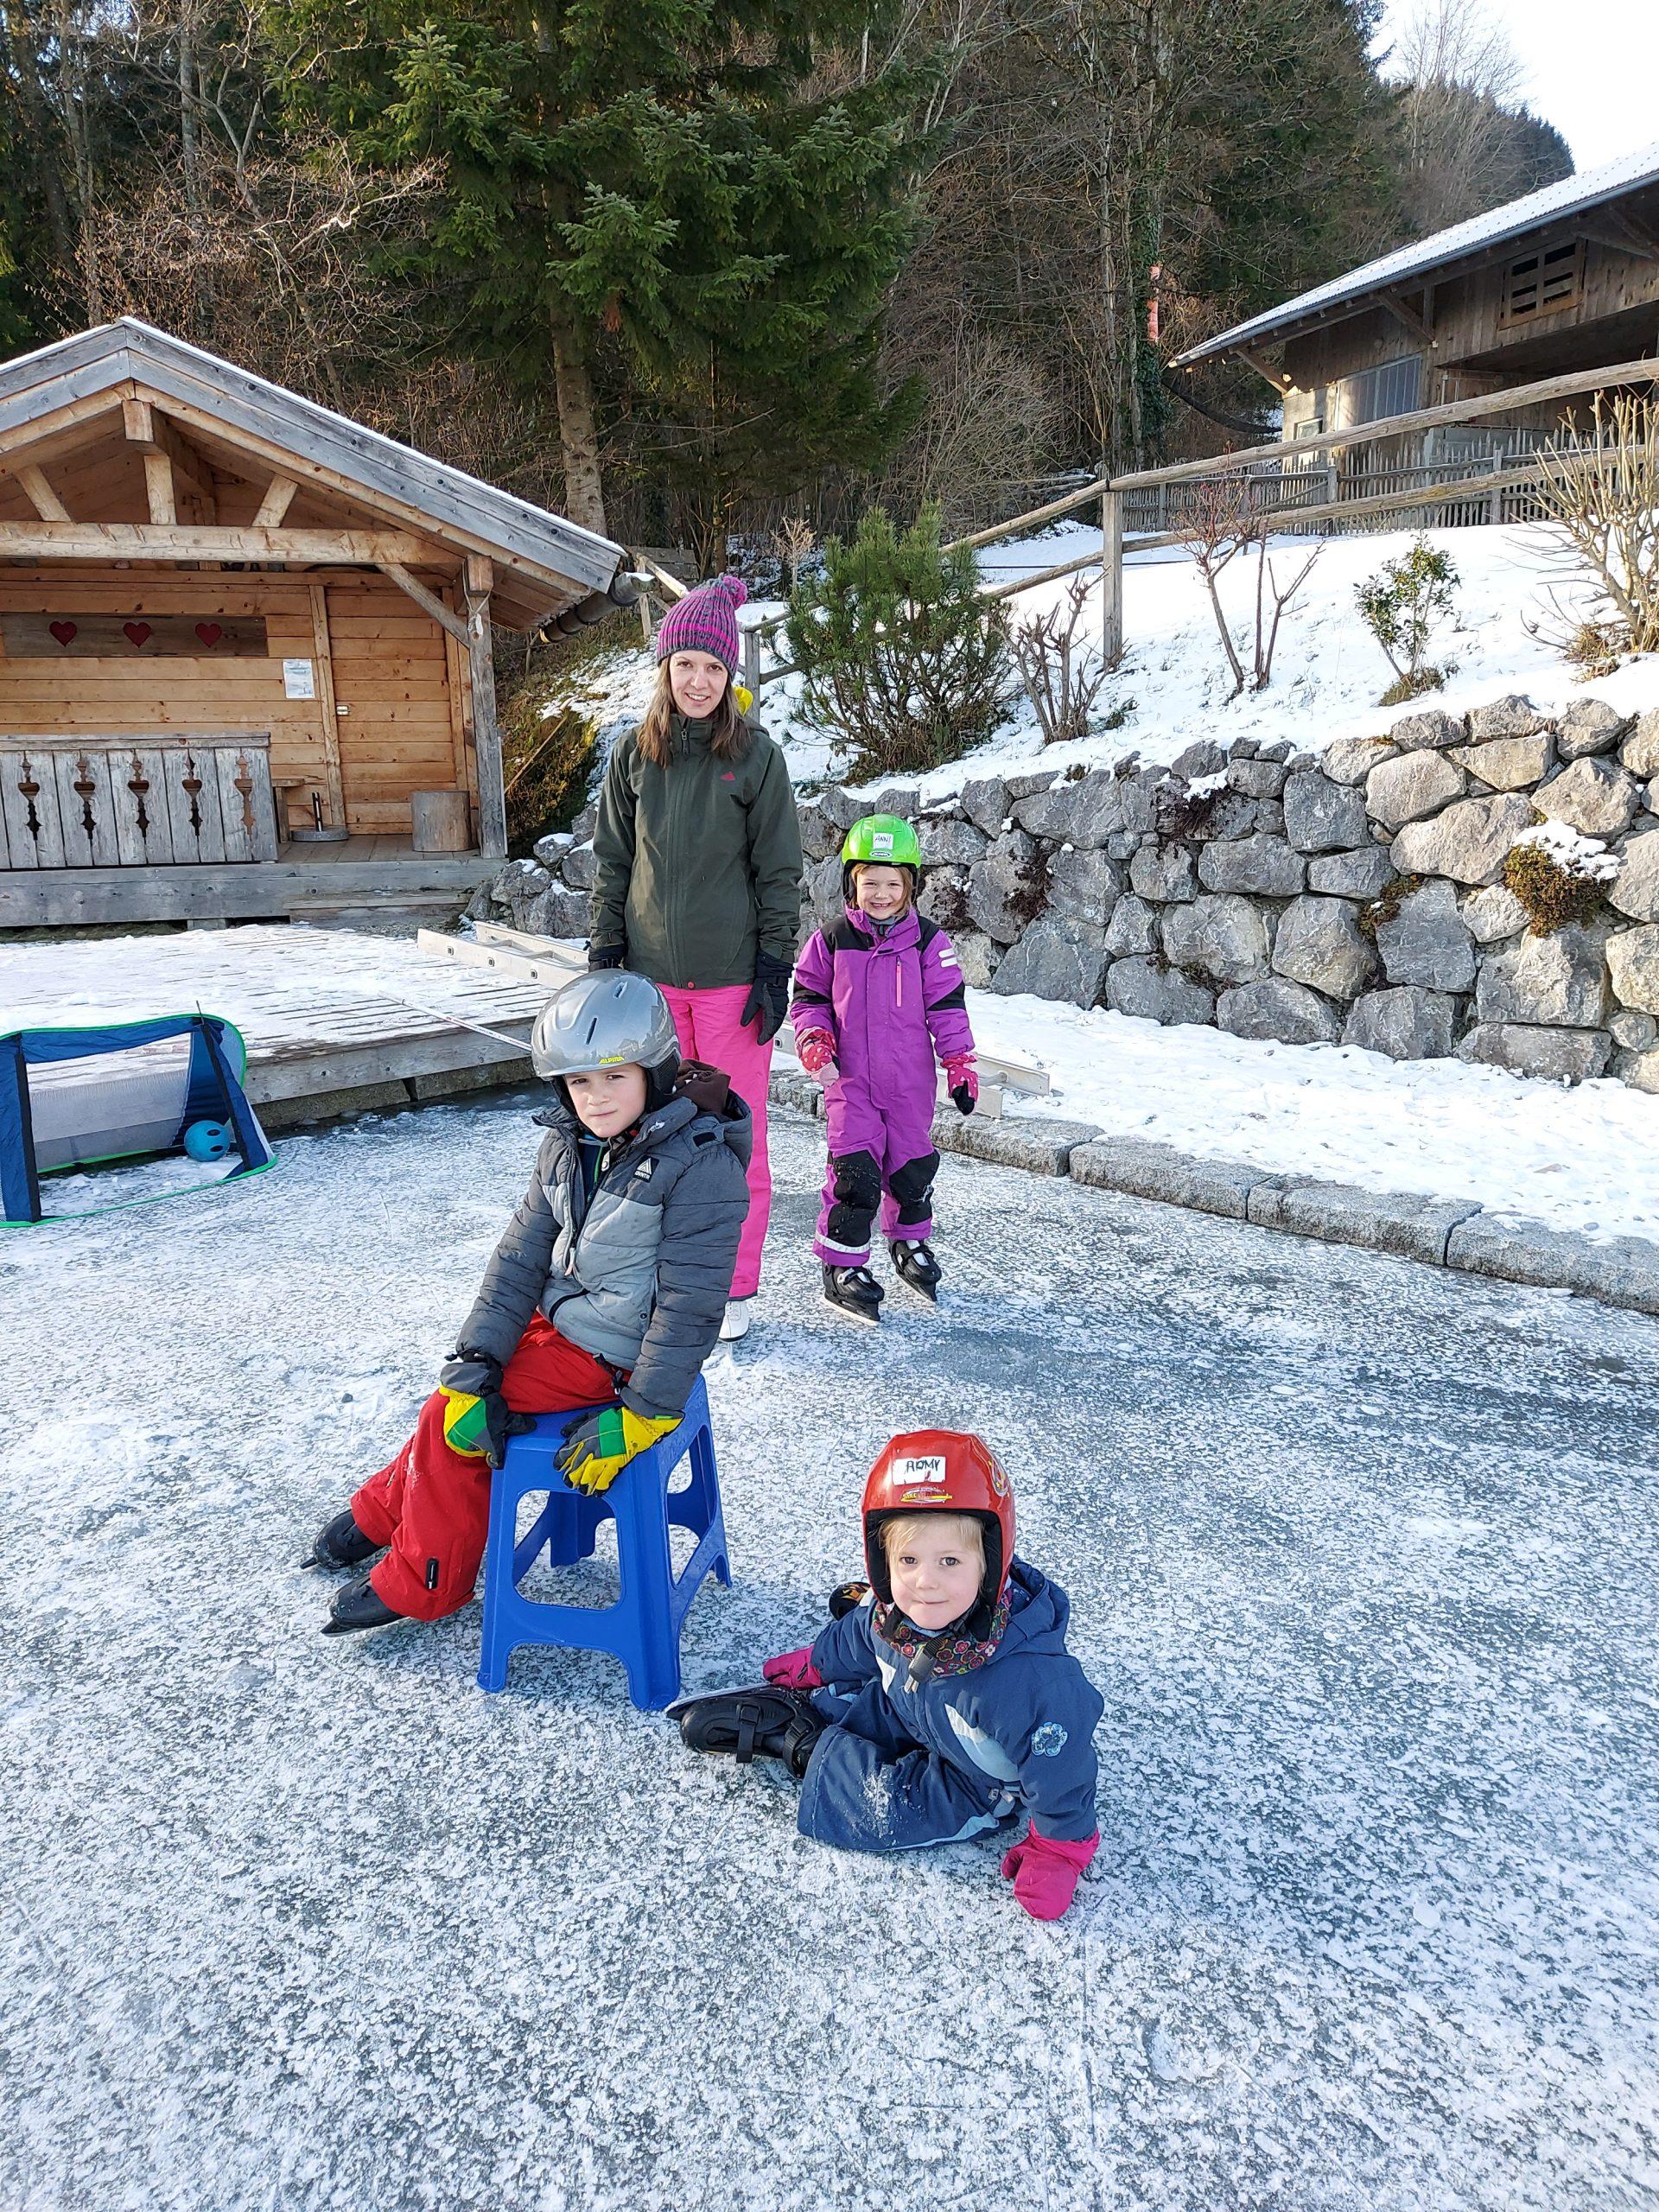 Familienzeit auf dem Eis